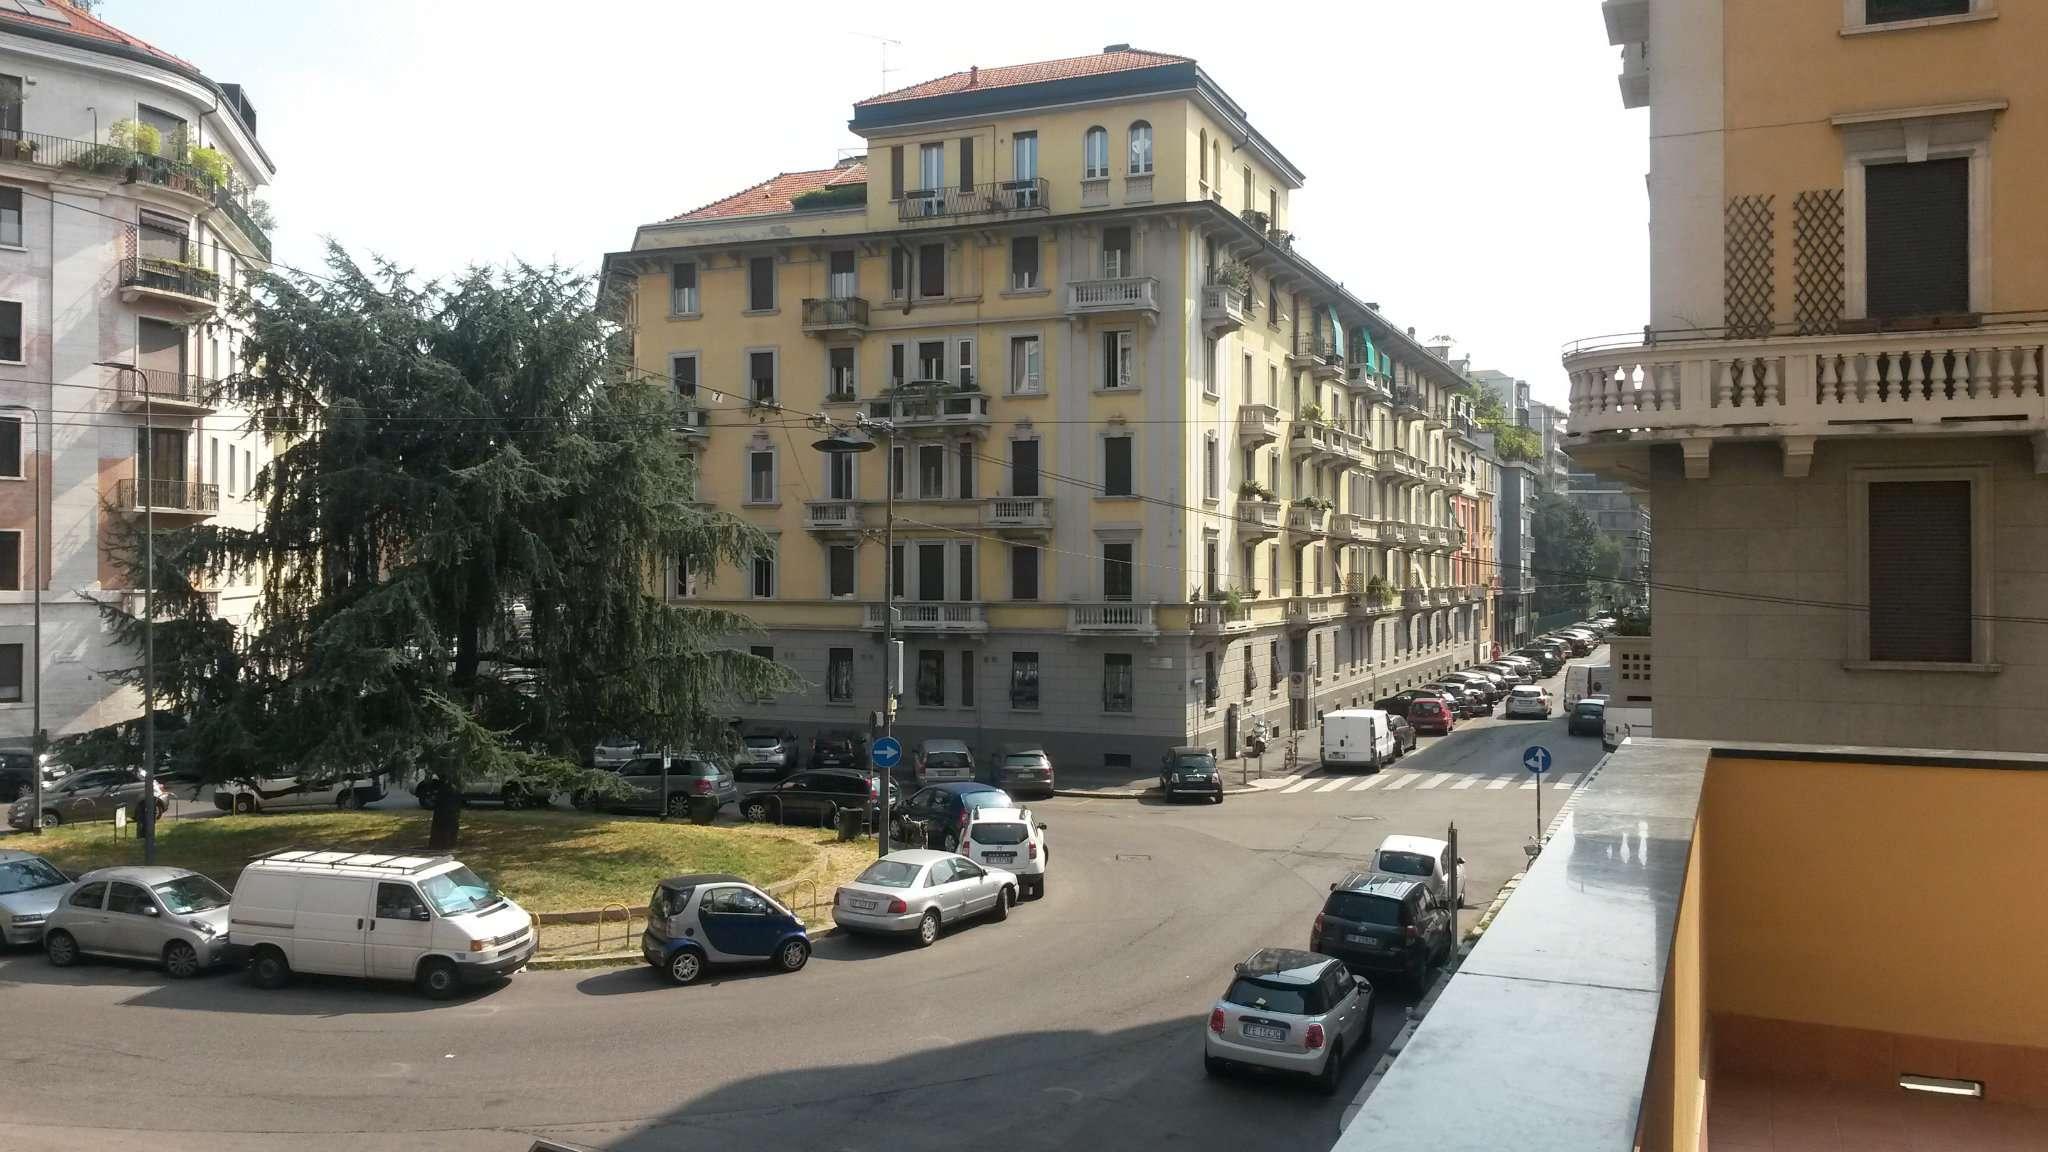 Appartamento in vendita a Milano, 2 locali, zona Zona: 5 . Citta' Studi, Lambrate, Udine, Loreto, Piola, Ortica, prezzo € 350.000   CambioCasa.it